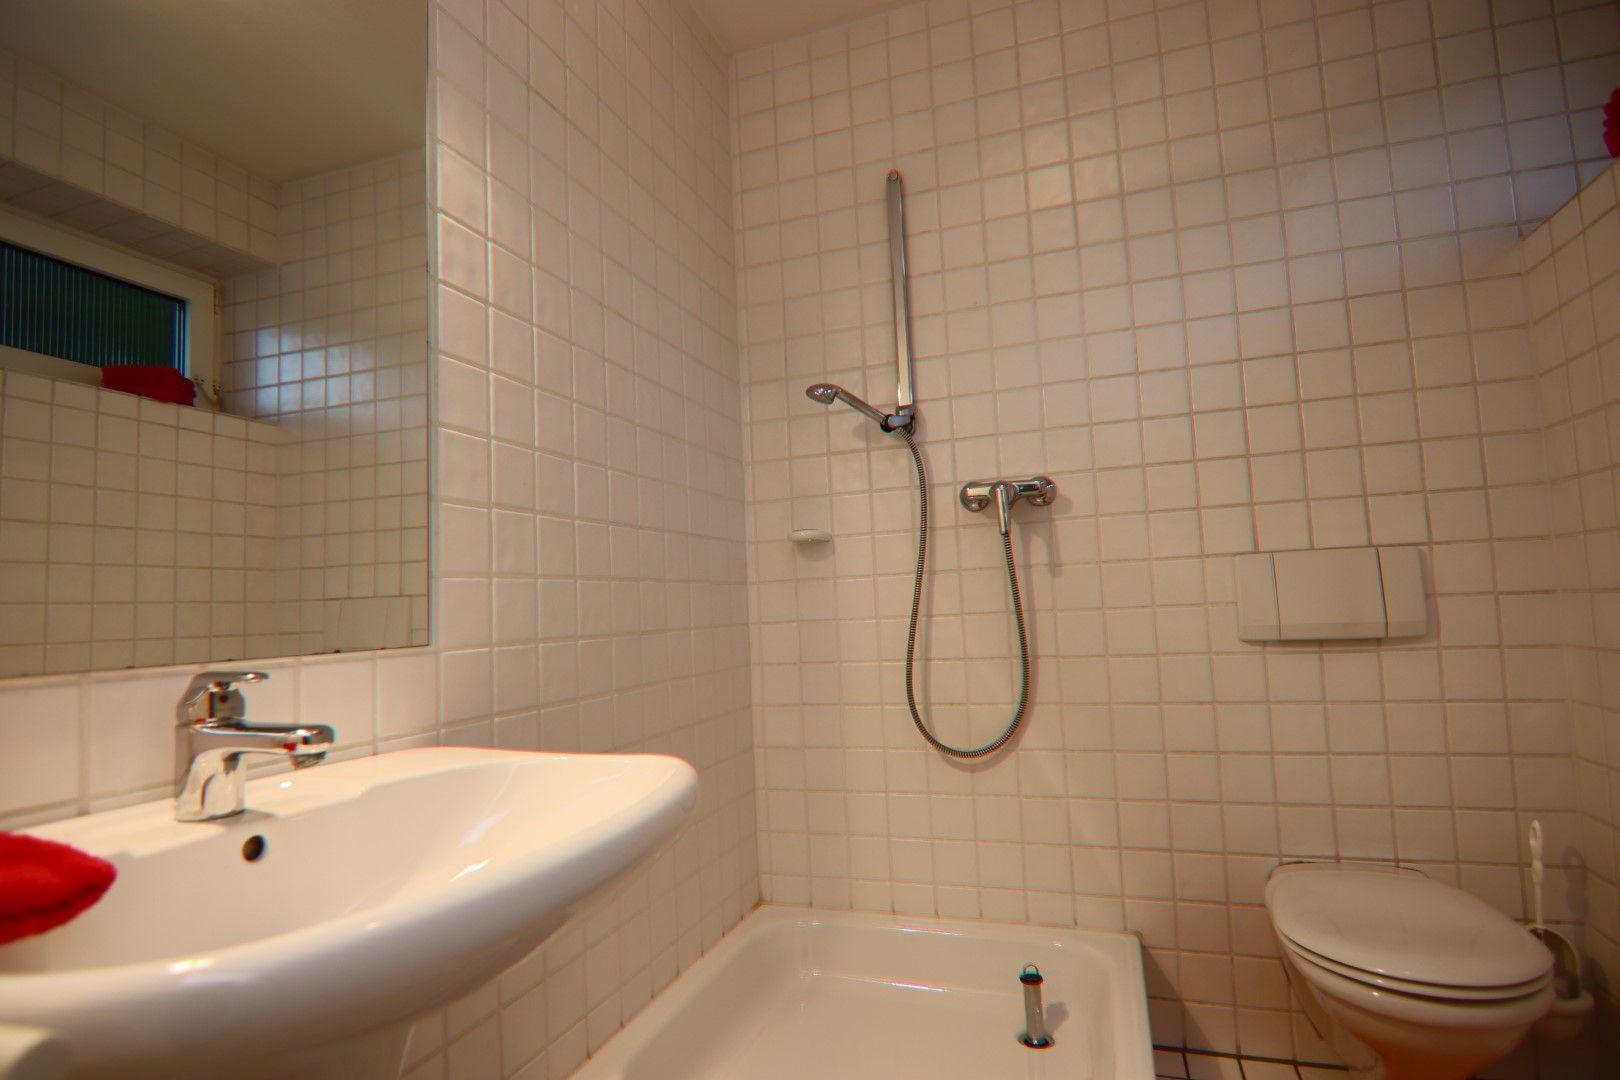 Immobilie Nr.0284 - 3 Räume, Küche, Badezimmer, Stellplatz - Bild 8.jpg